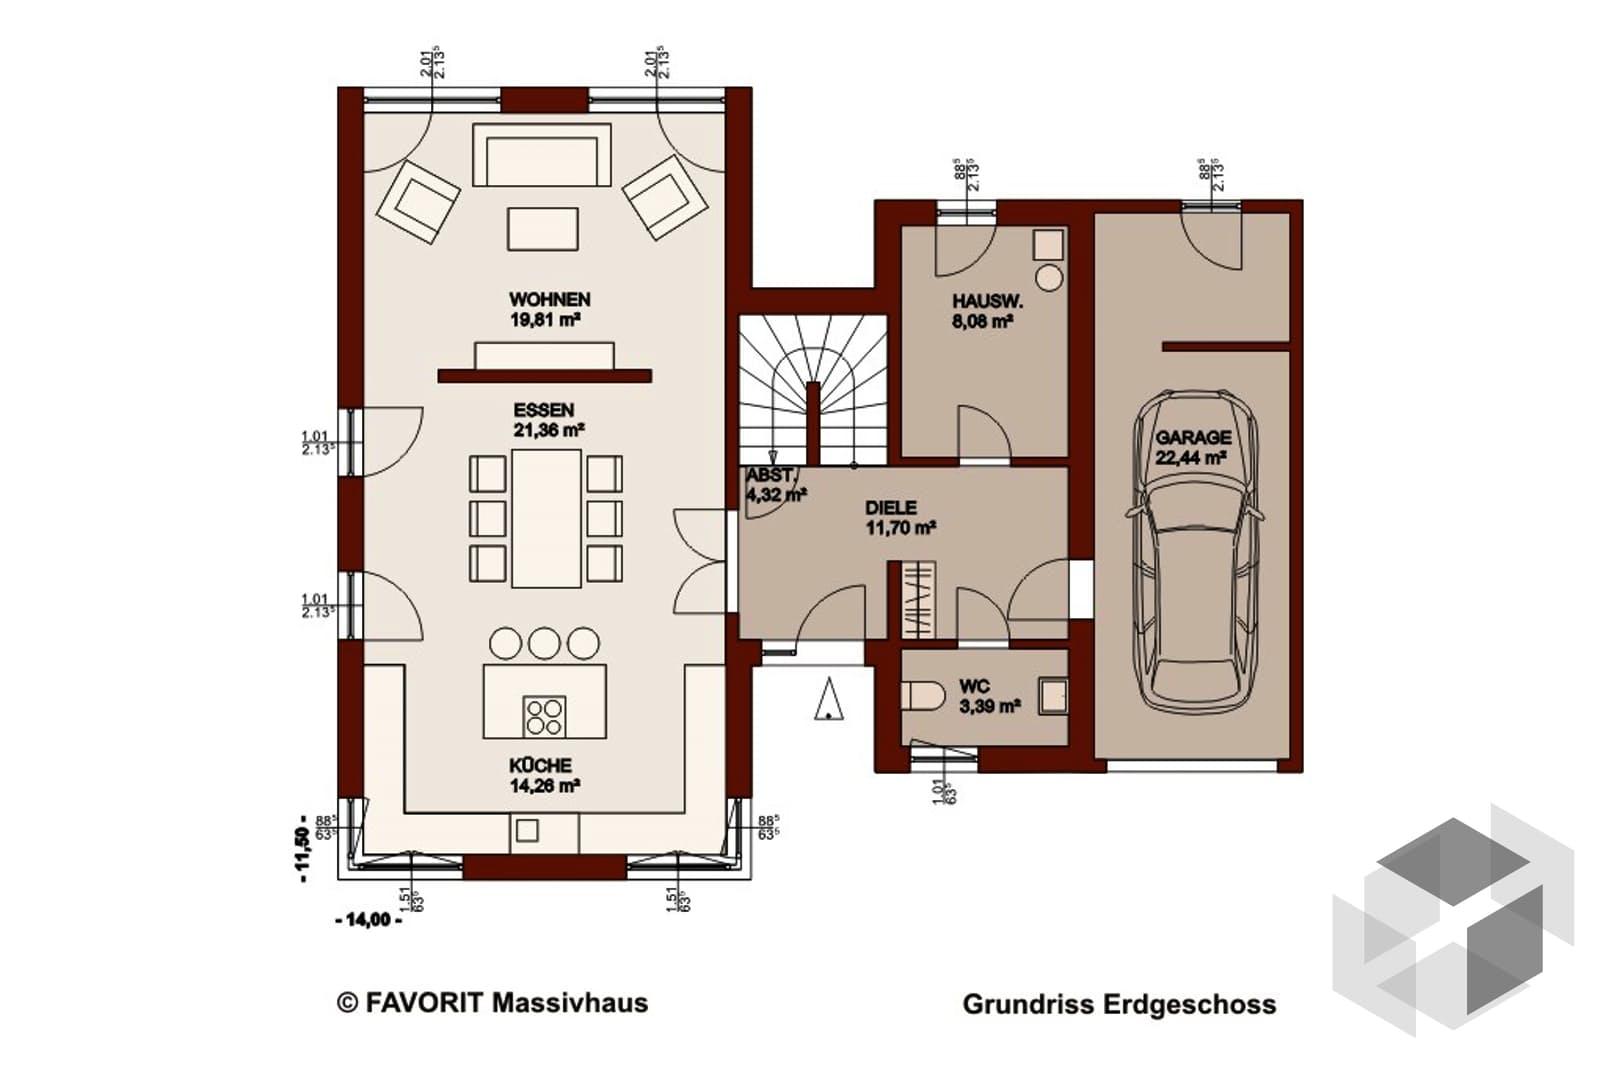 einfamilienhaus concept design  von favorit massivhaus